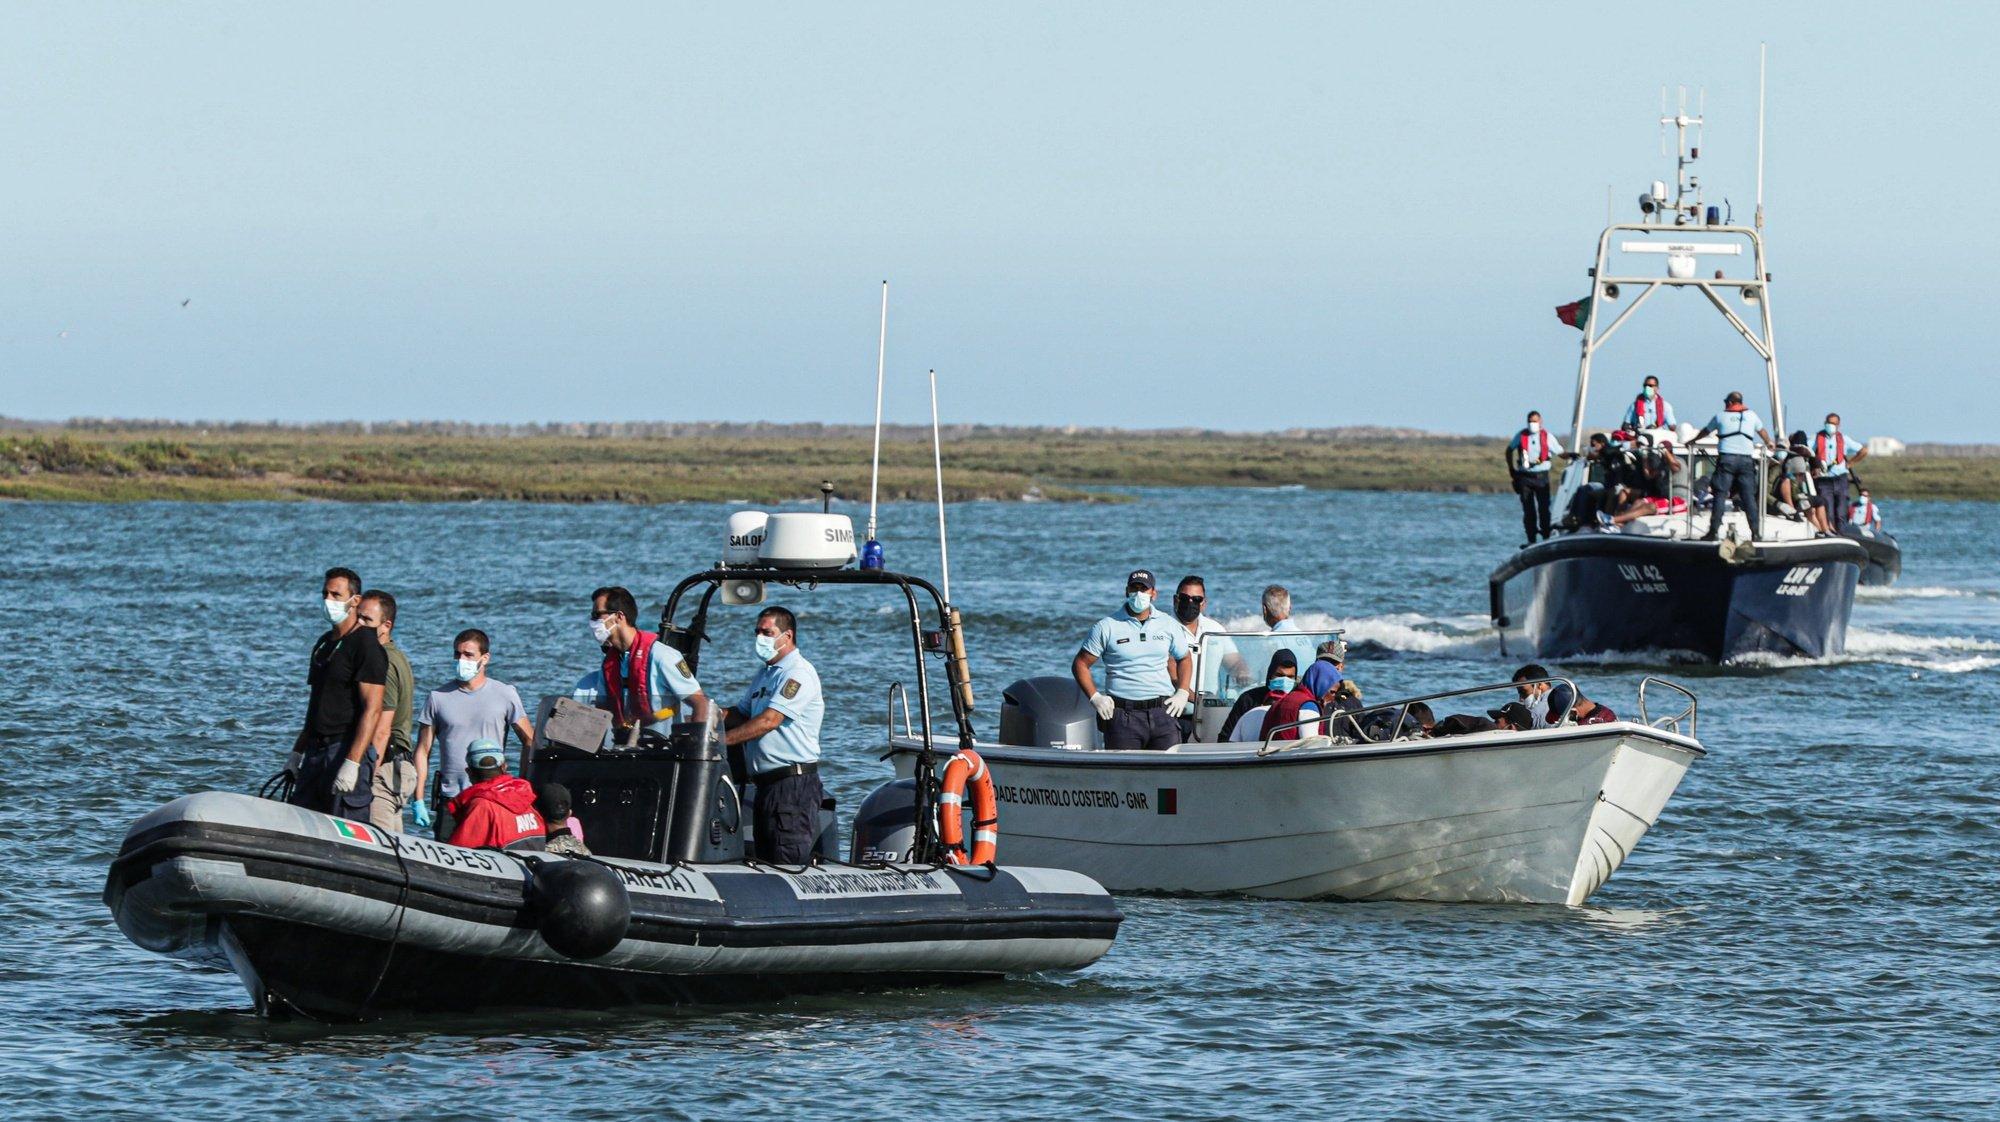 """As autoridades intercetaram o grupo de migrantes que desembarcou ilegalmente ao início da tarde na ilha Deserta, em Faro, e que se colocou em fuga de seguida, disse à Lusa fonte da Autoridade Marítima, Faro, 15 de setembro de 2020. Segundo o comandante da Zona Marítima do Sul, o grupo de 28 migrantes, alegadamente proveniente de Marrocos e que inclui três mulheres, estava às 16:30 """"em trânsito para o cais comercial de Faro a bordo de embarcações da Polícia Marítima e da GNR"""". LUÍS FORRA /LUSA"""